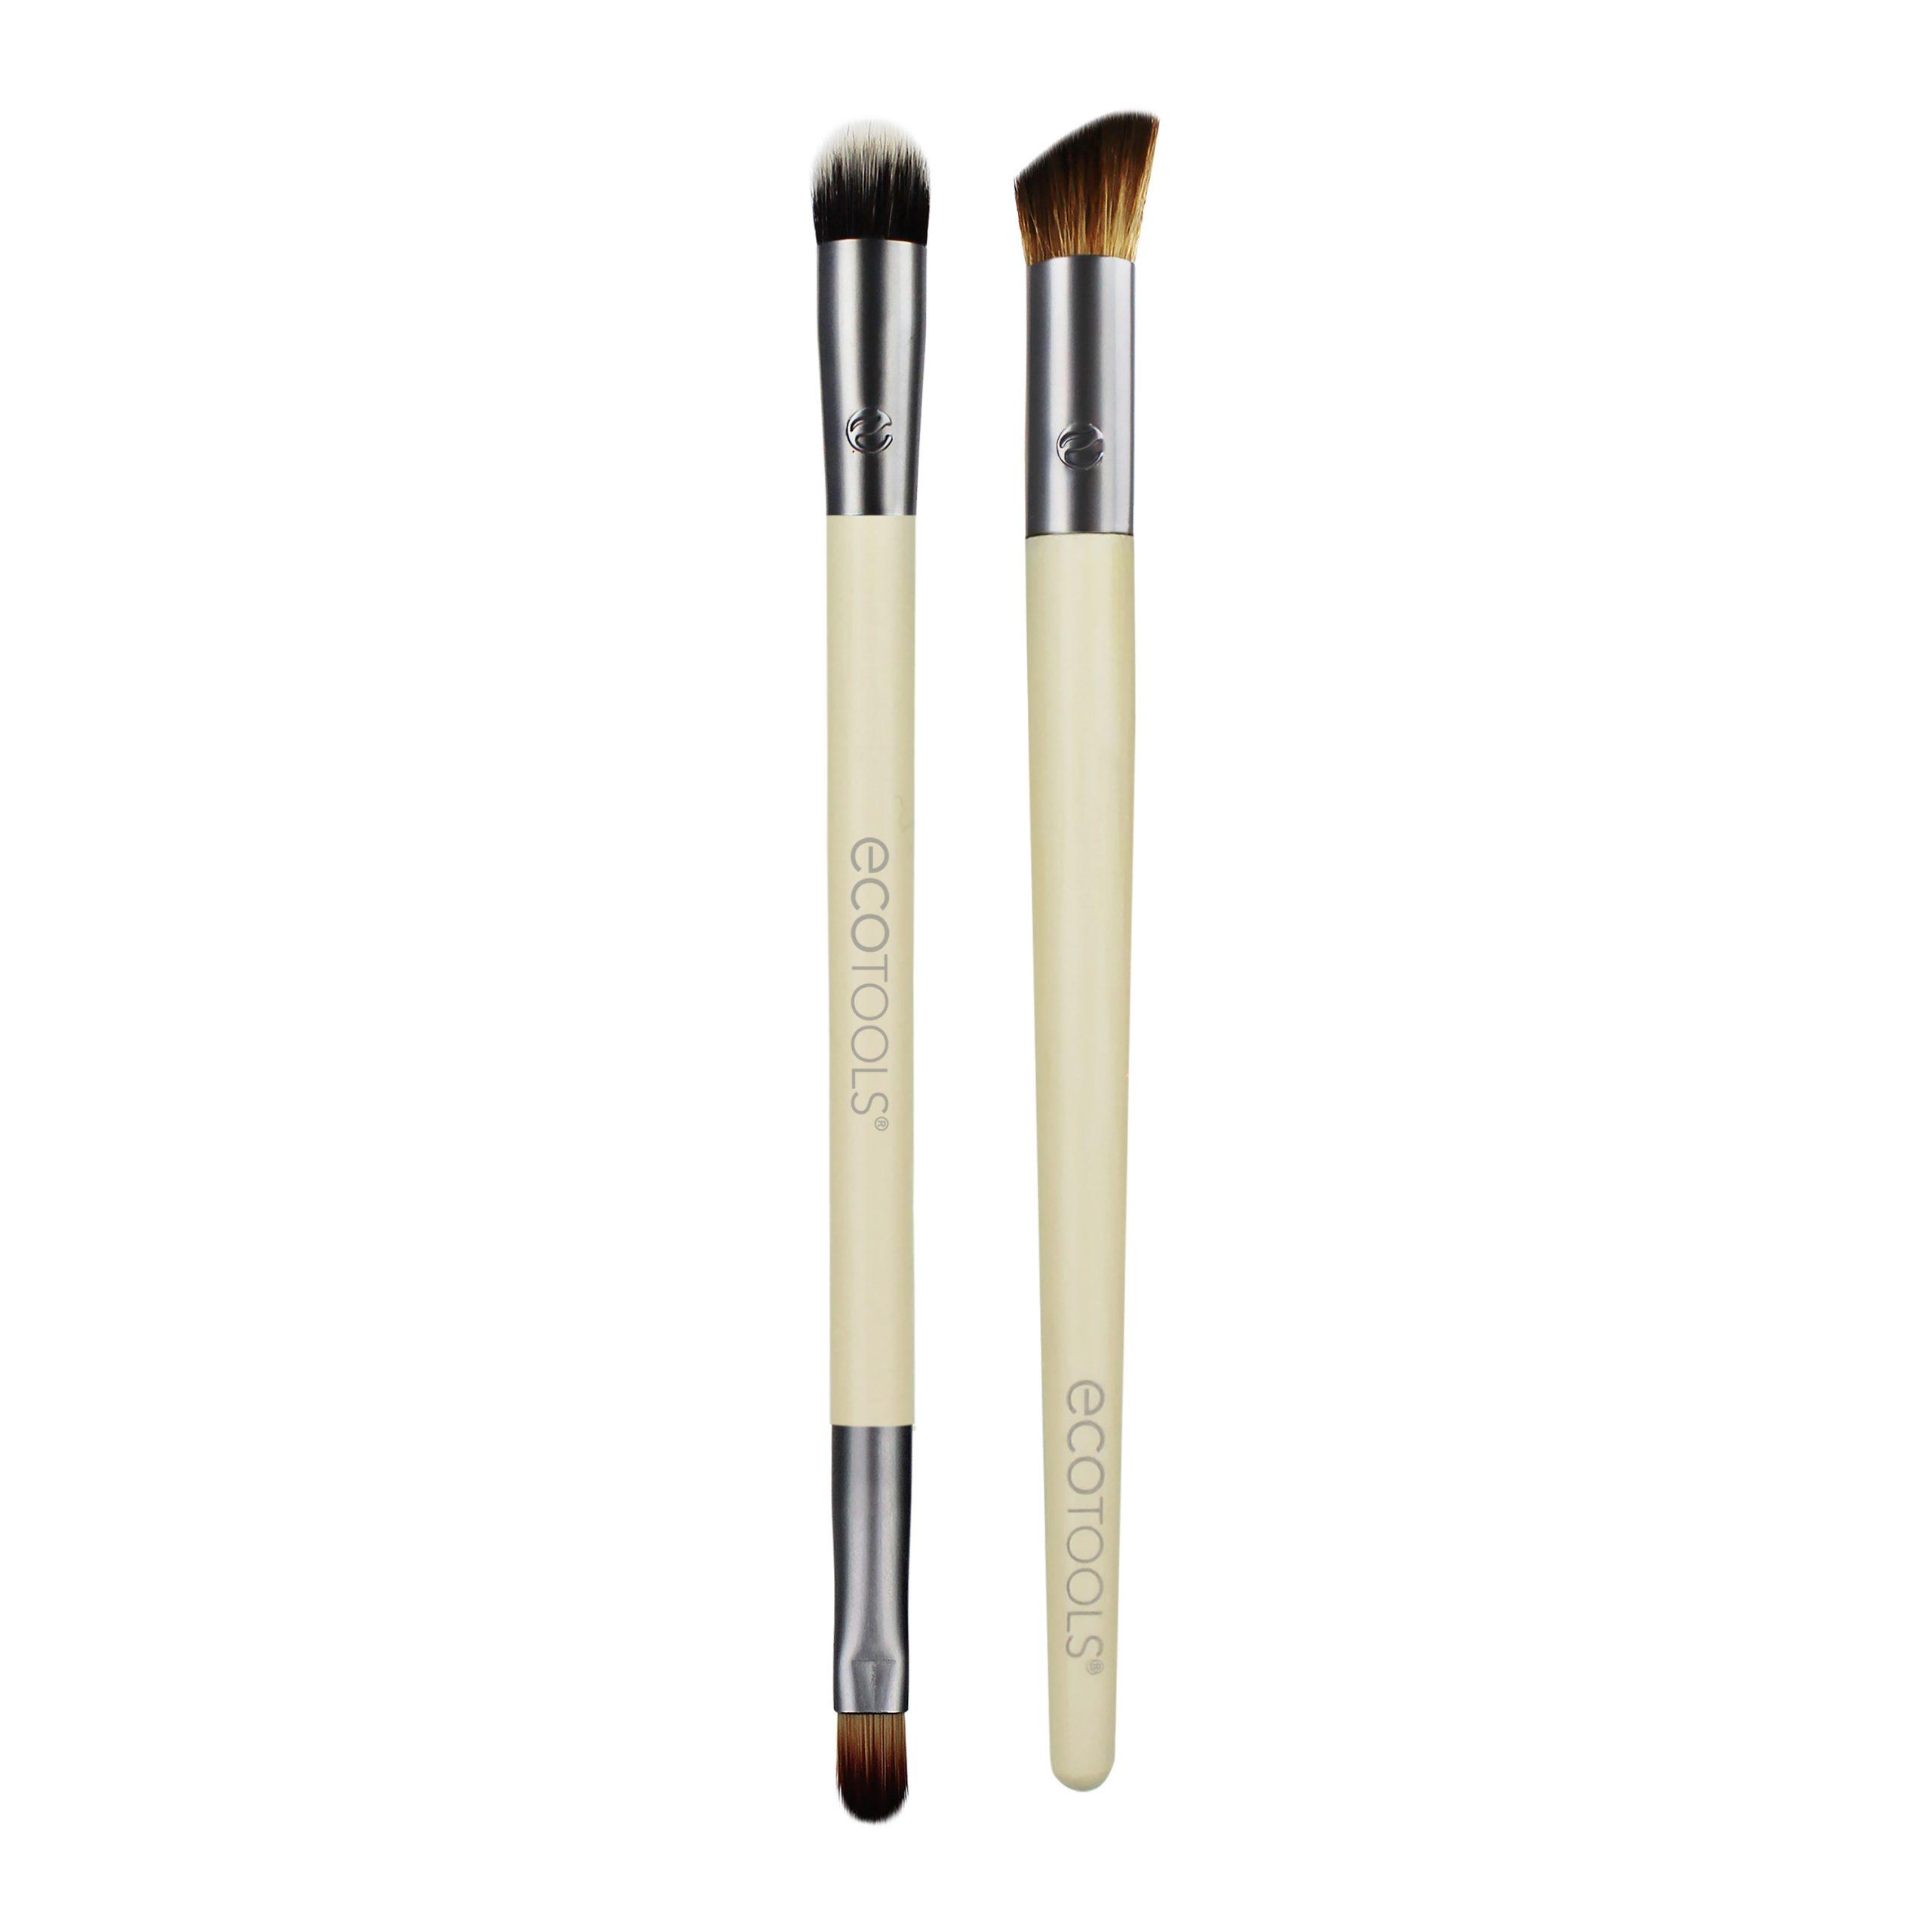 ecotools-1630終極遮瑕三重奏/官網新款/網紅手殘/粉底刷,蜜粉刷,腮紅刷,修容刷,輪廓刷,打亮刷,鼻影刷,眼影刷